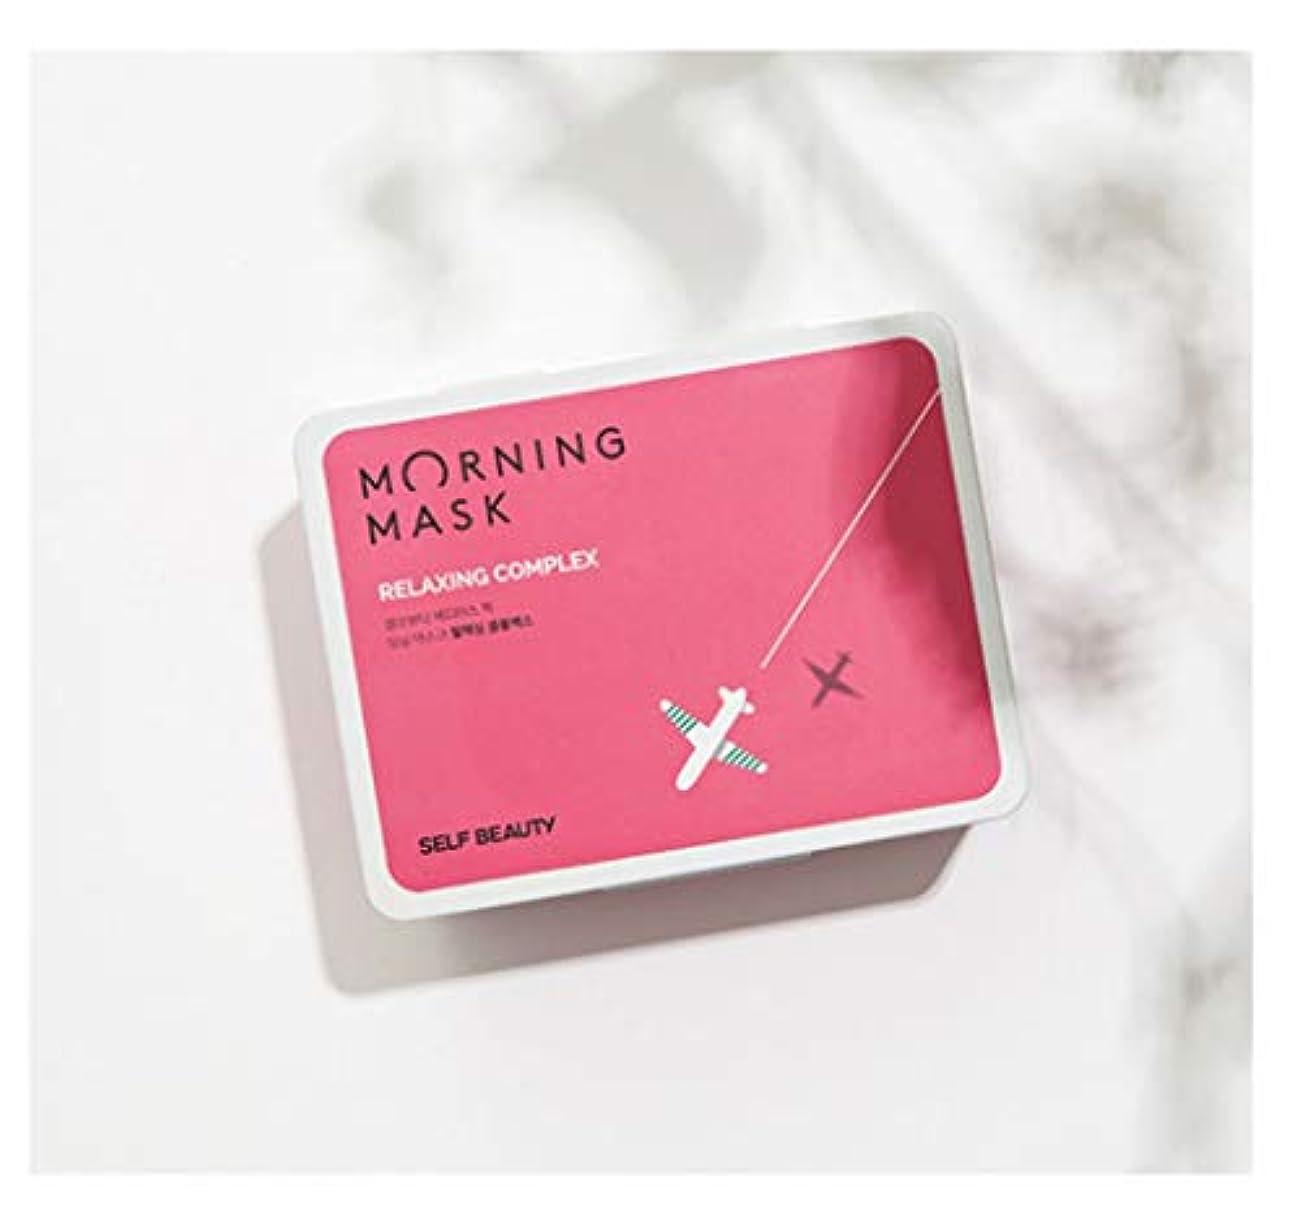 コミュニティ動詞パケットSelf Beauty Morning Mask Relaxing Complex 1Box/30Sheetメイクアップの前にモーニングマスク、疲れた肌のための鎮静ケア(海外直送)